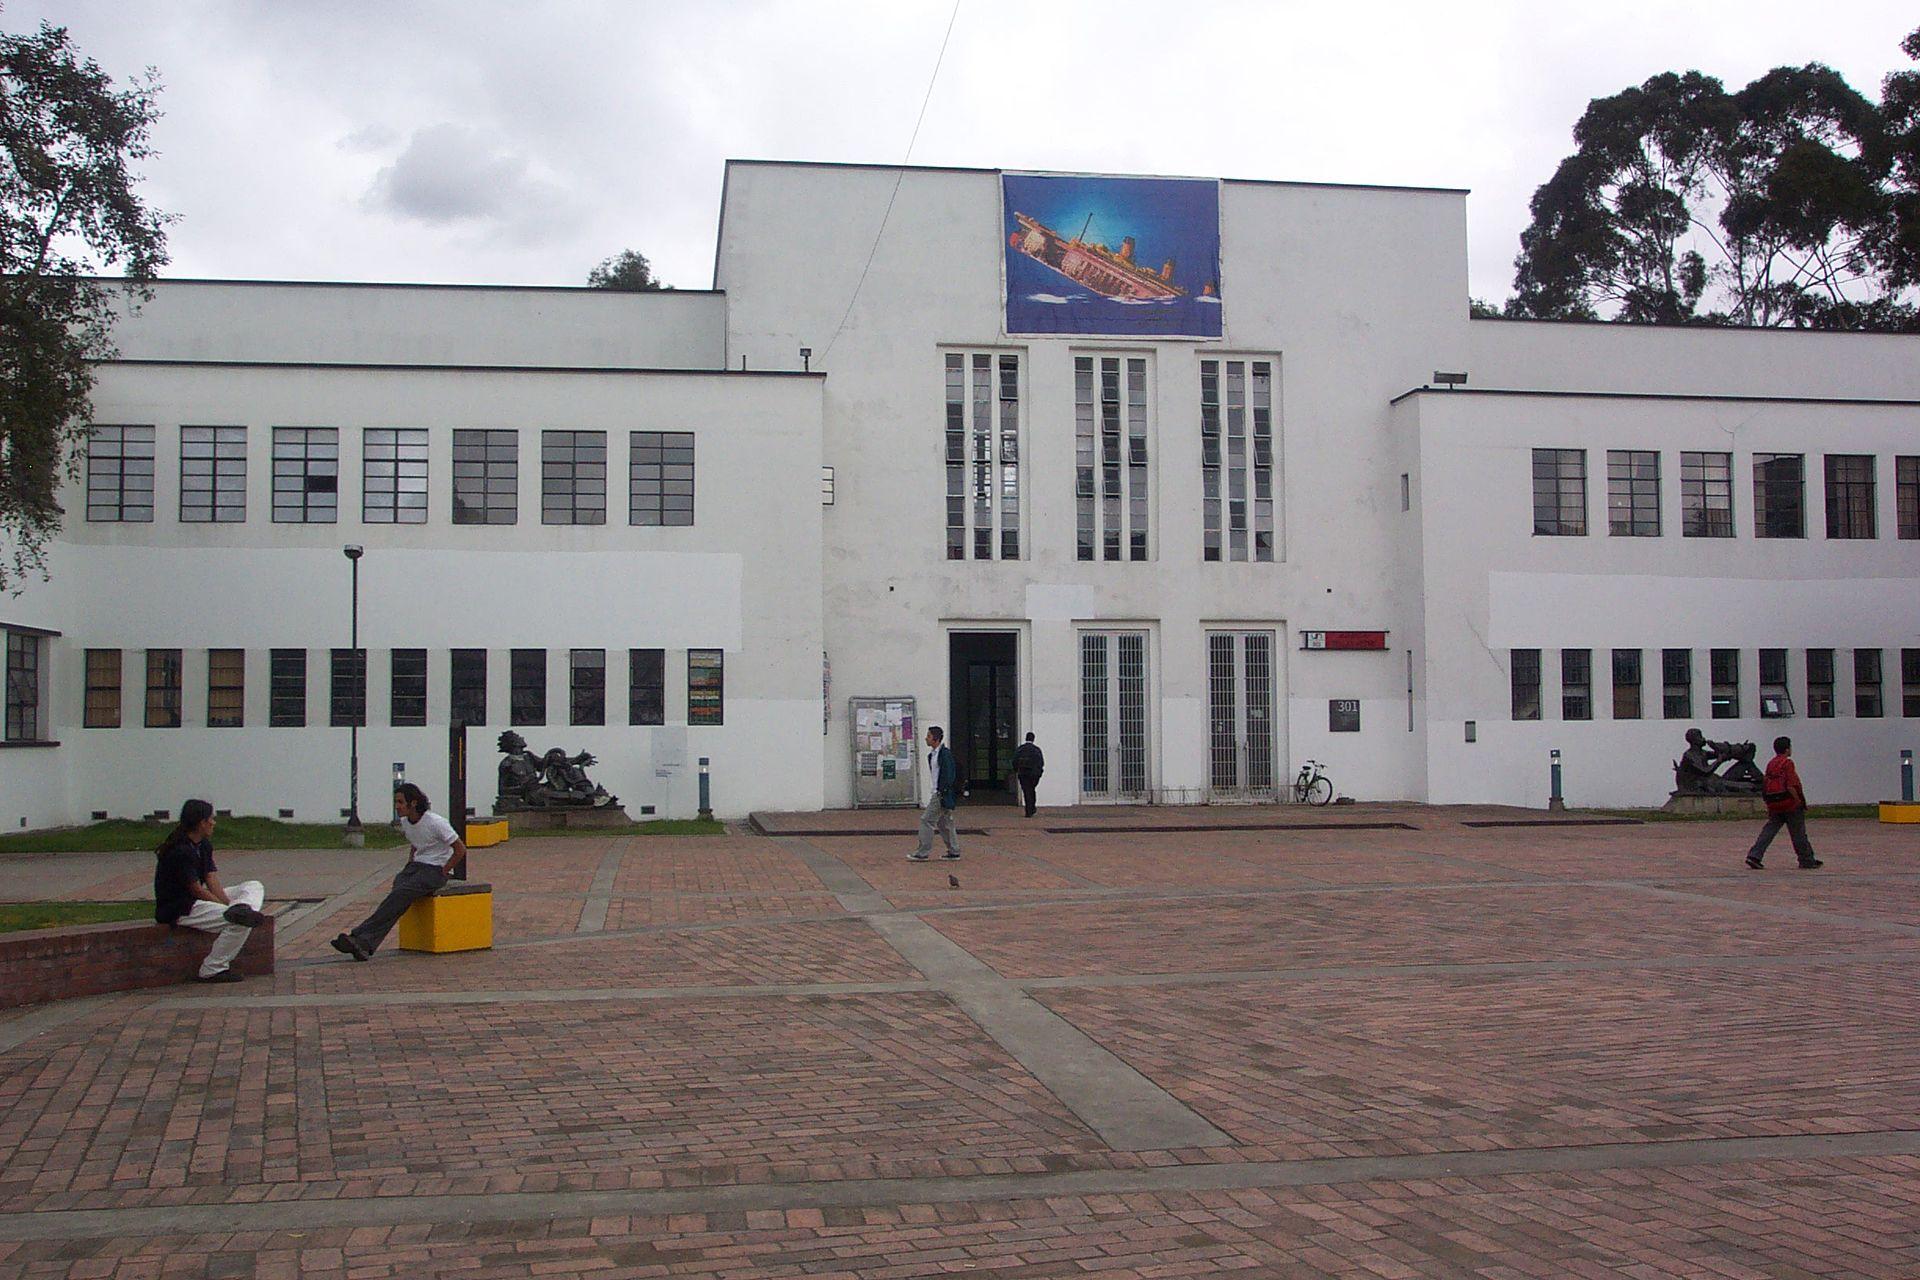 Facultad de artes unal bogot wikipedia la for Cuando se creo la arquitectura